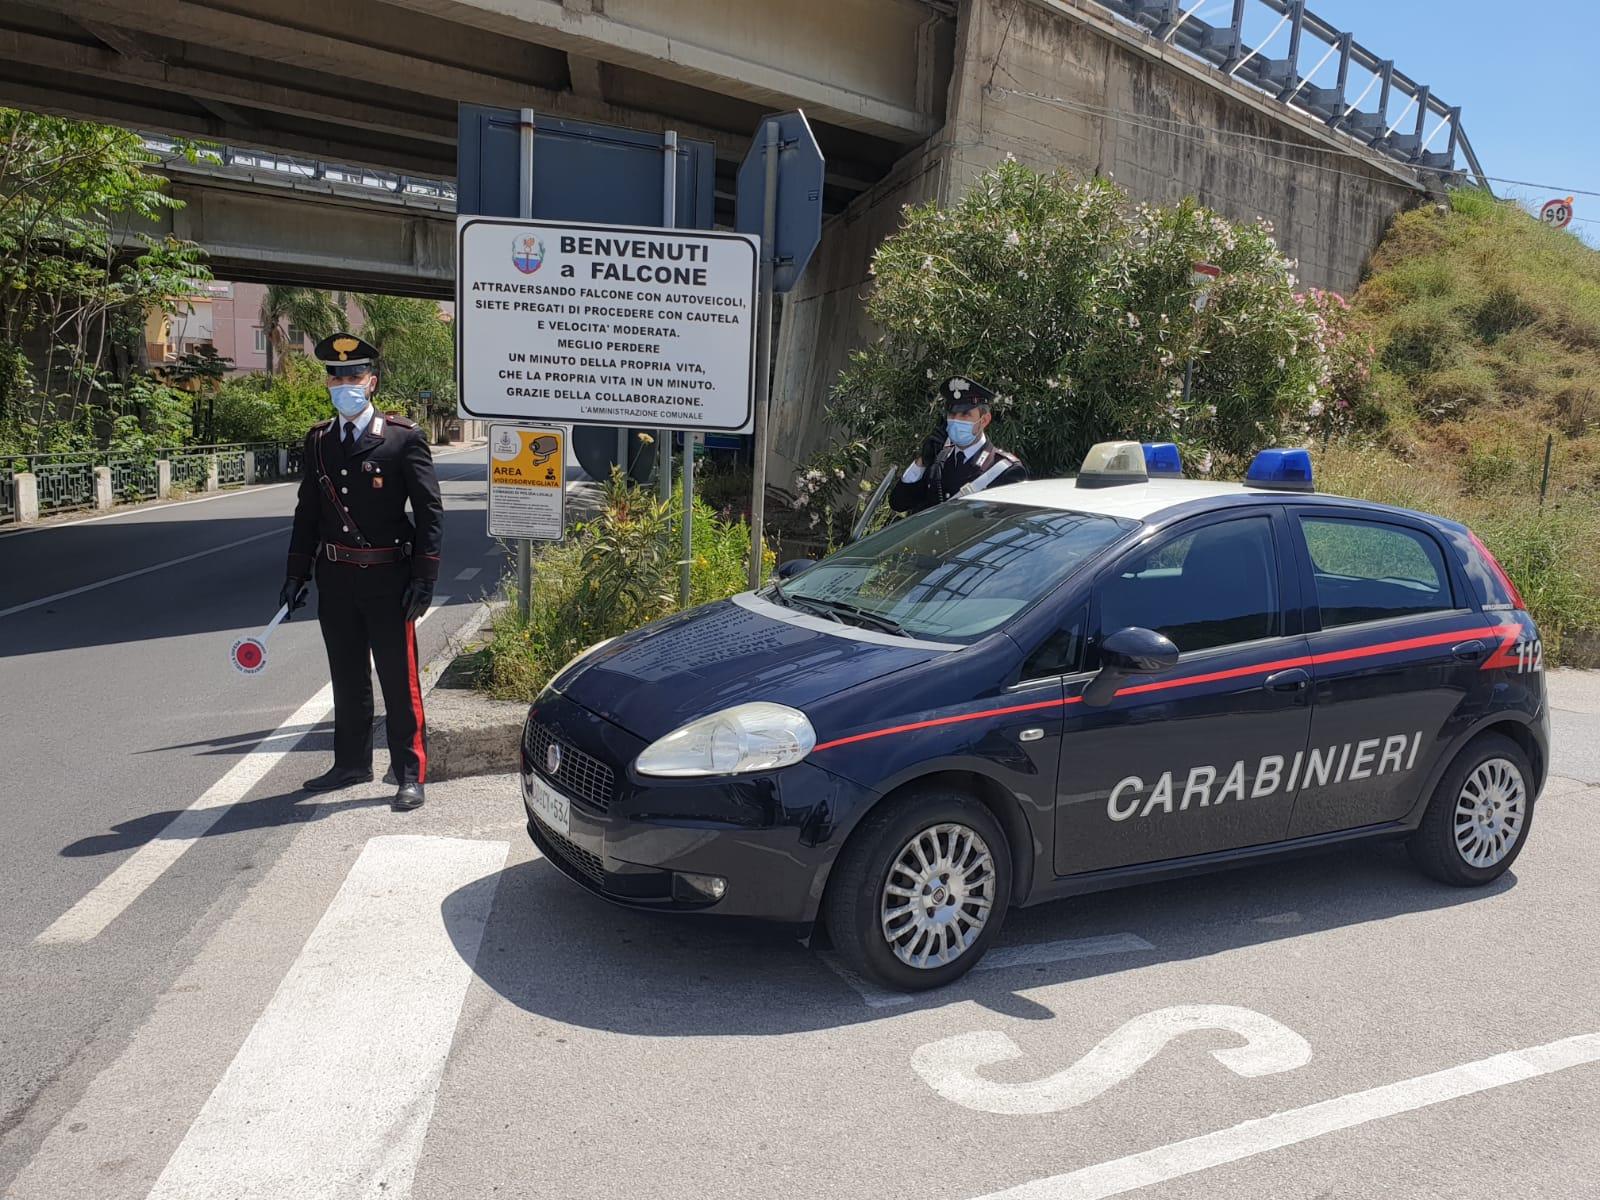 Maltrattamenti in famiglia e minacce, i carabinieri intervengono in tre distinti episodi di violenza